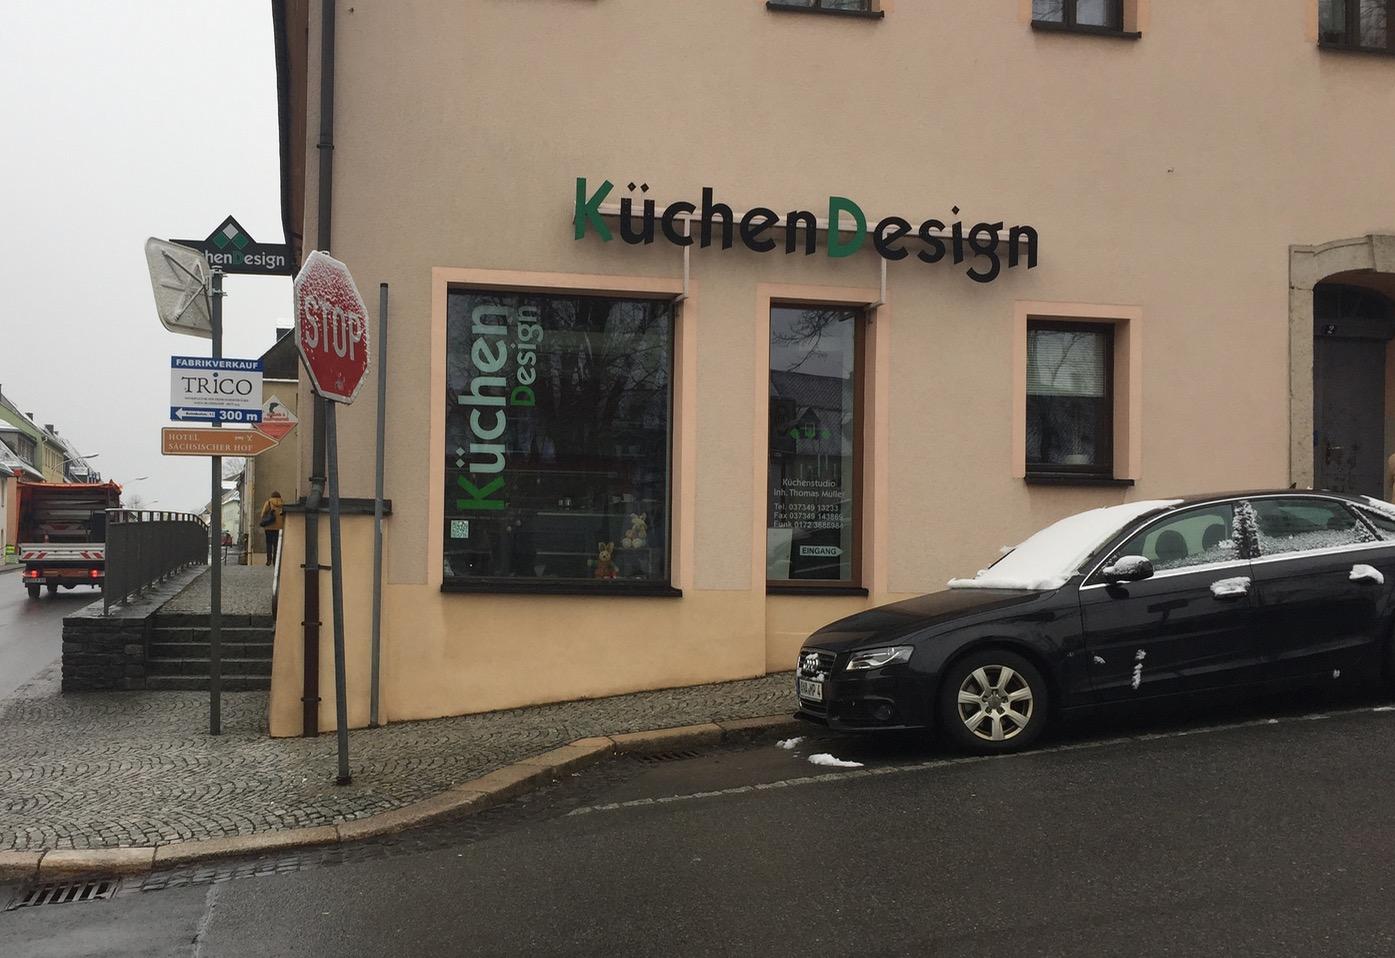 Küchenstudio Küchen Design Müller PLZ 09481 Schebenberg / Erzgebirge